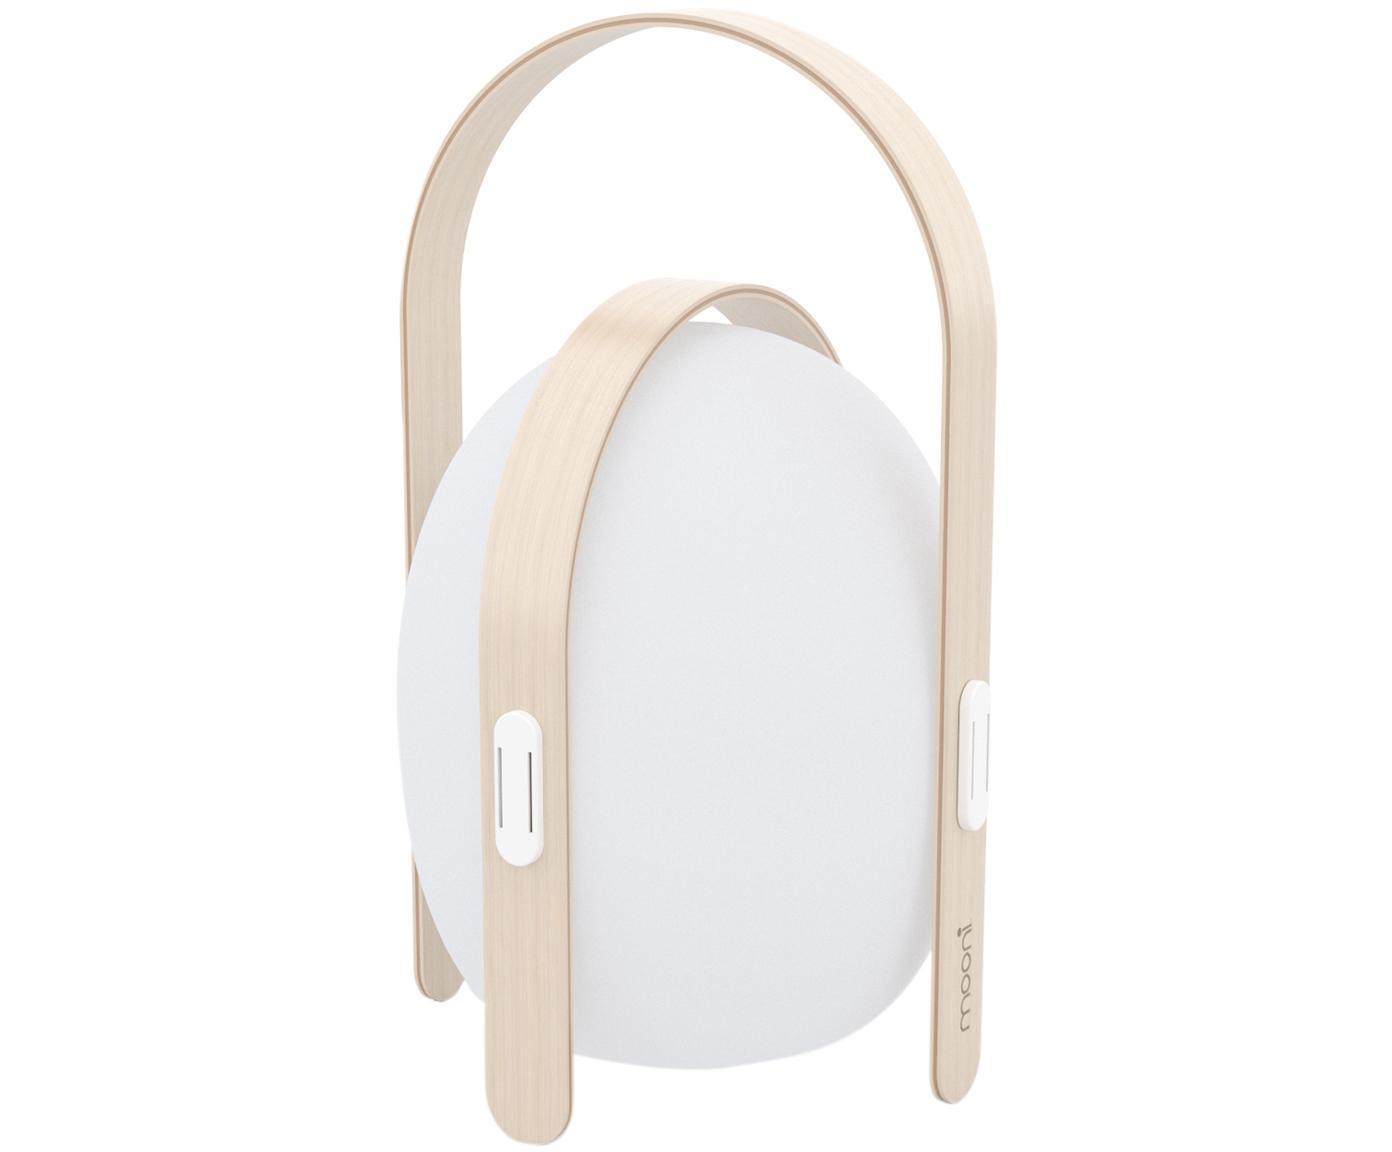 Mobiele outdoor LED lamp Ovo, Lampenkap: kunststof, Frame: iepenhout met berkenhoutf, Wit, lichtbruin, Ø 24 x H 39 cm